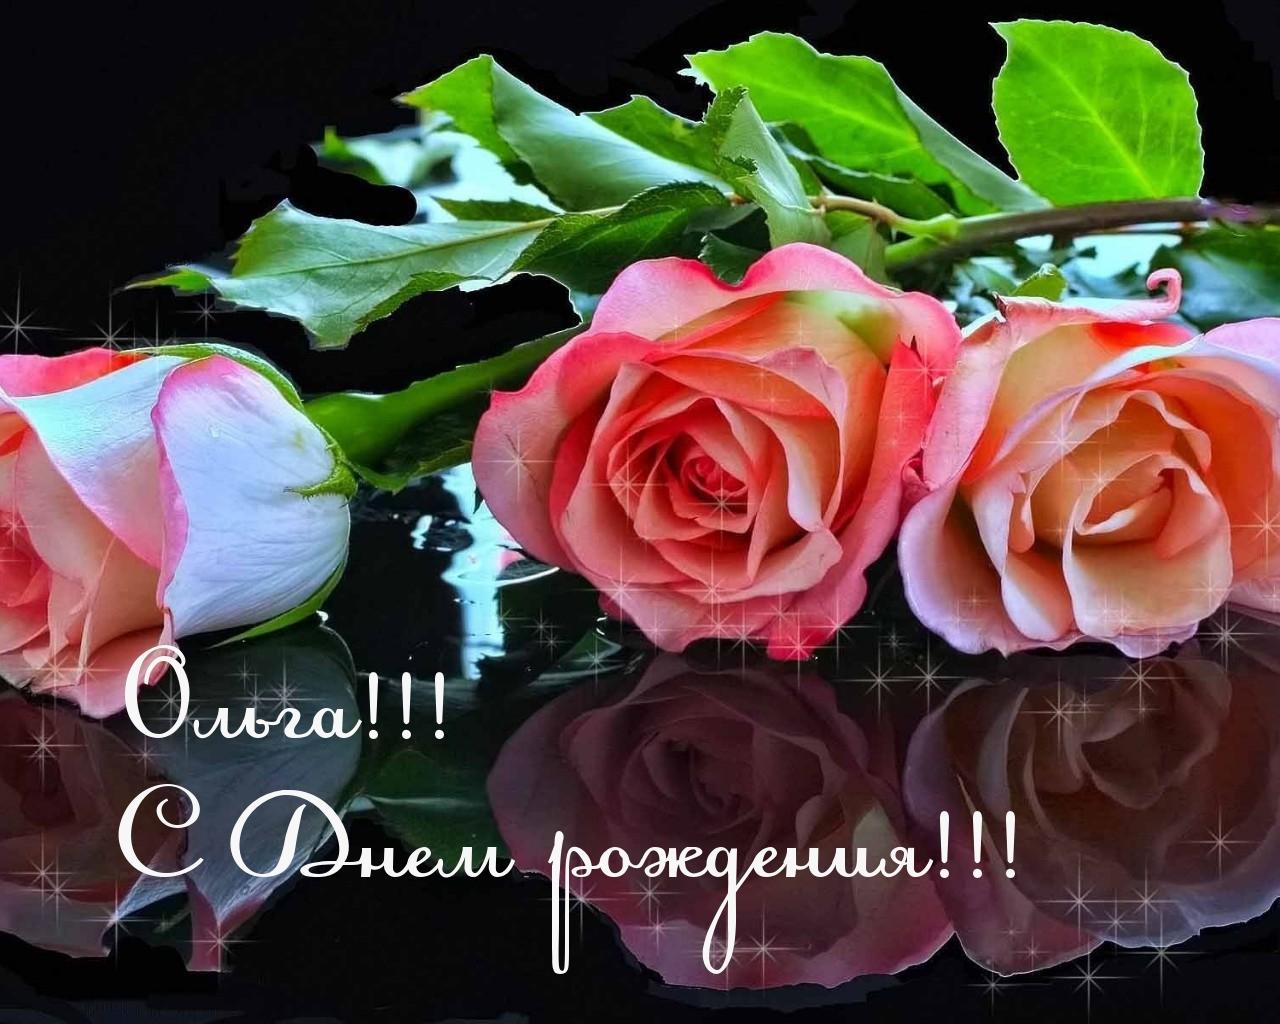 Поздравления с днем рождения для Ольги. Смс в стихах 21